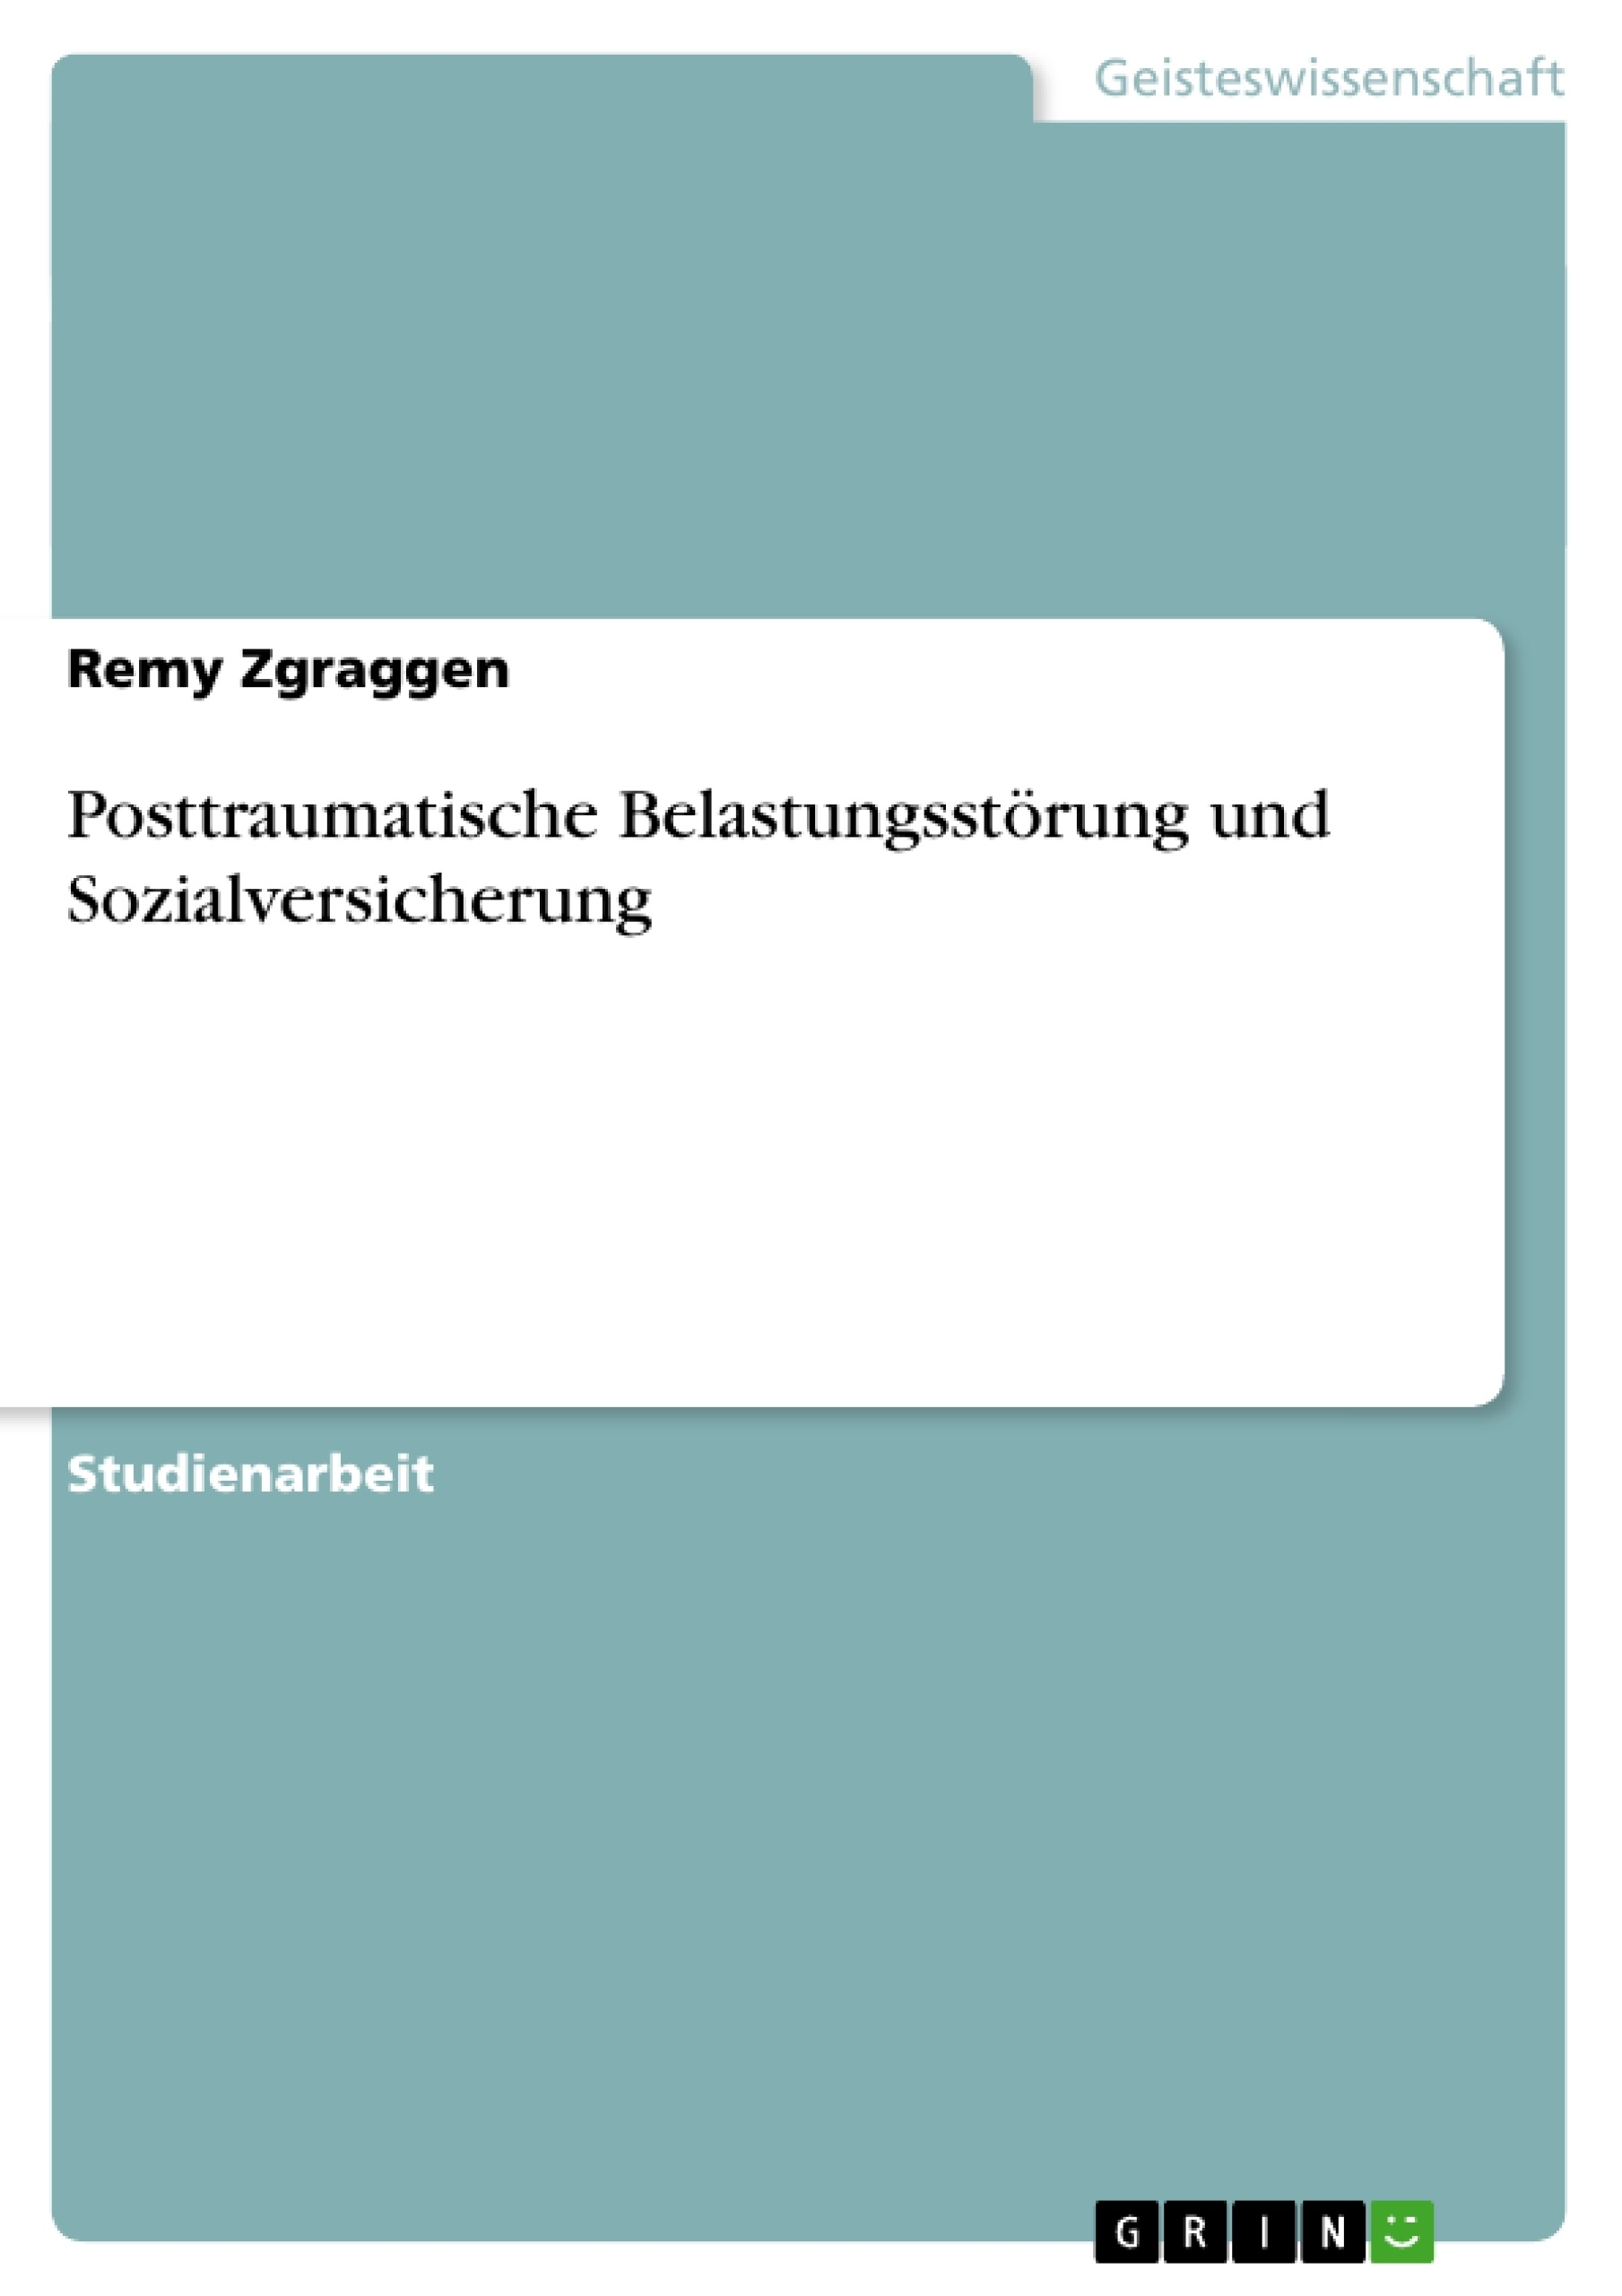 Titel: Posttraumatische Belastungsstörung und Sozialversicherung